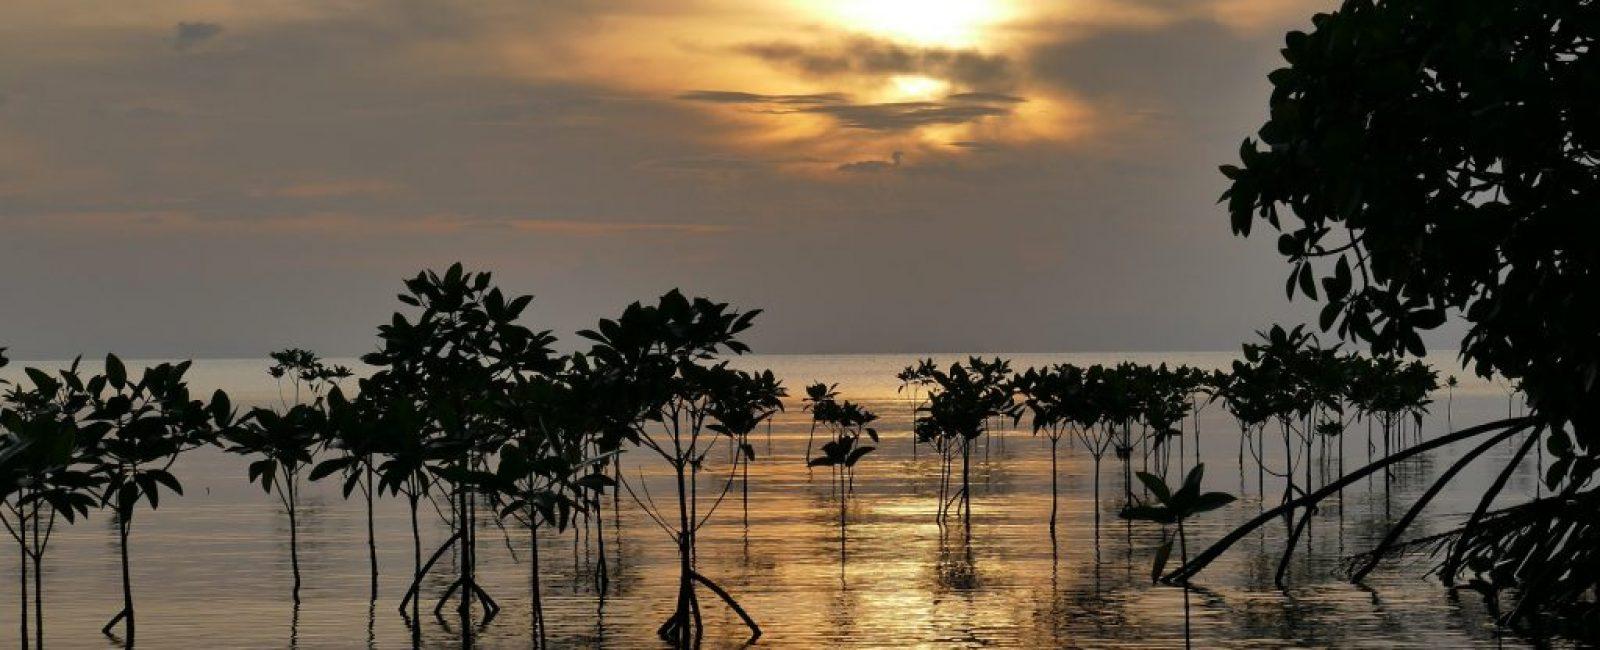 mangroves-2371062_1920